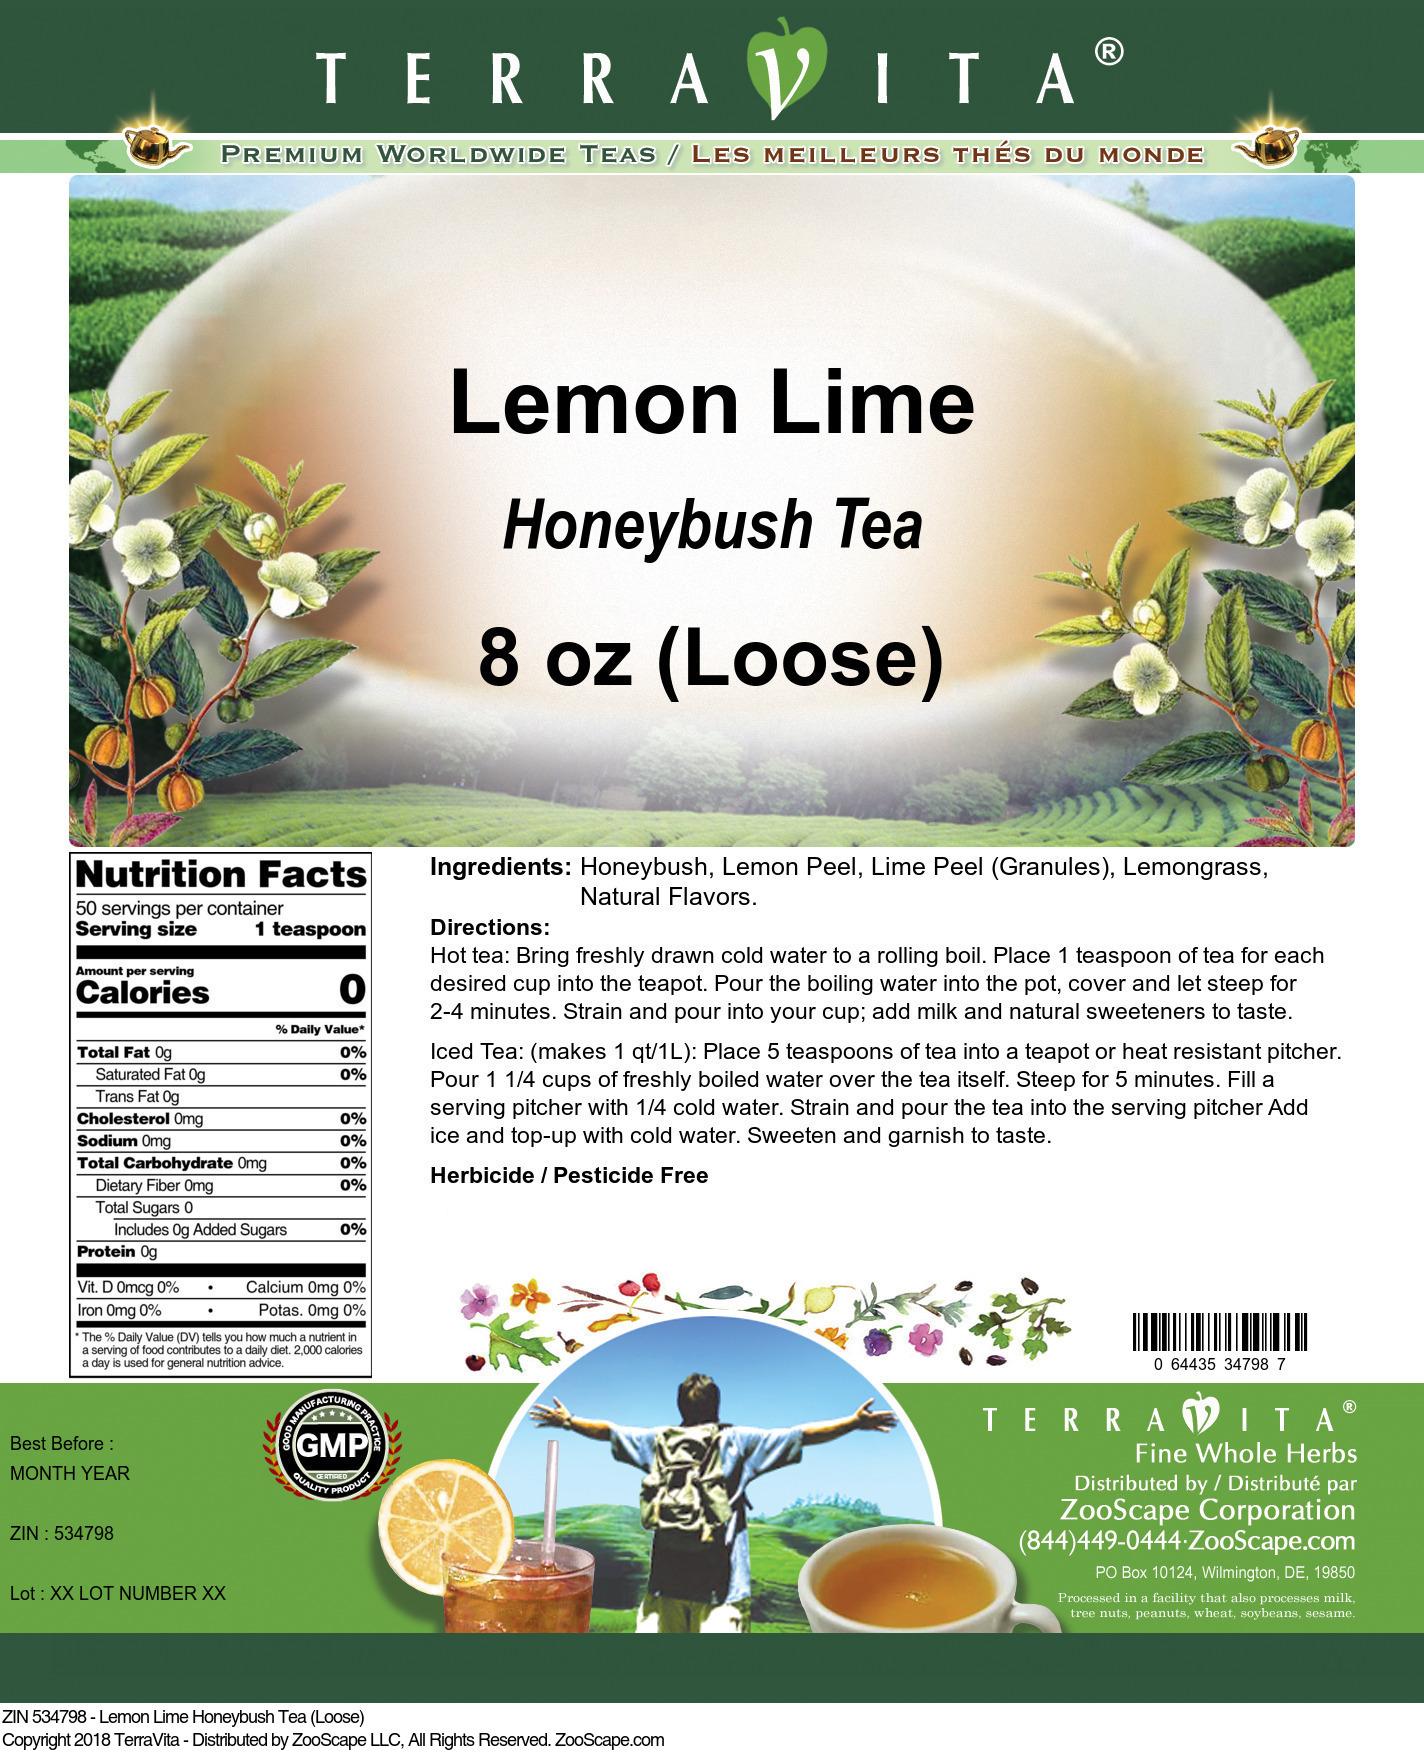 Lemon Lime Honeybush Tea (Loose)